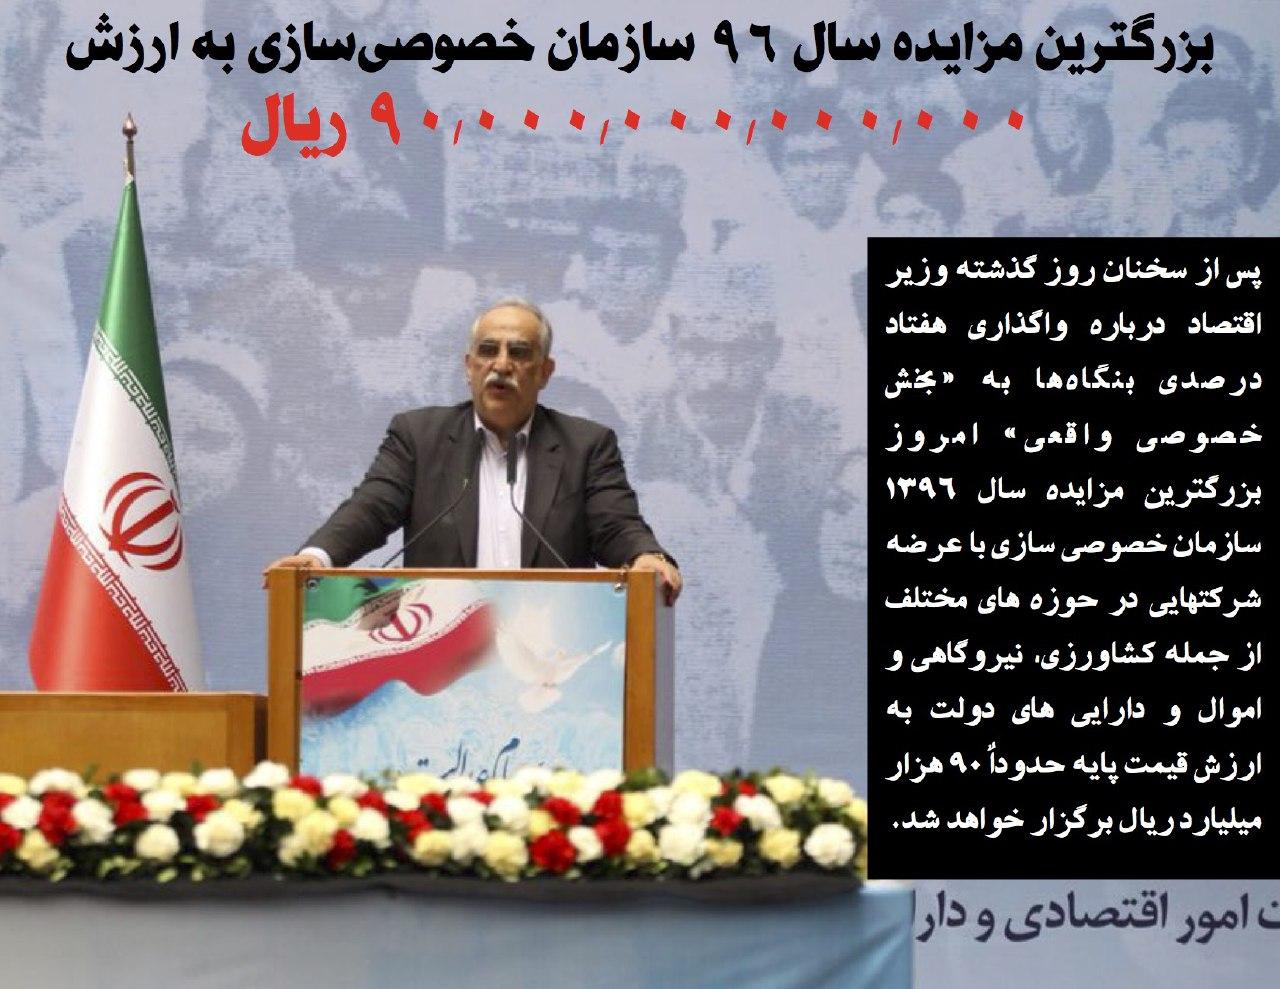 اخبار سینمای ایران     بزرگترین مزایده سال ۹۶ سازمان خصوصی سازی به ارزش ۹۰ هزار میلیارد ریال